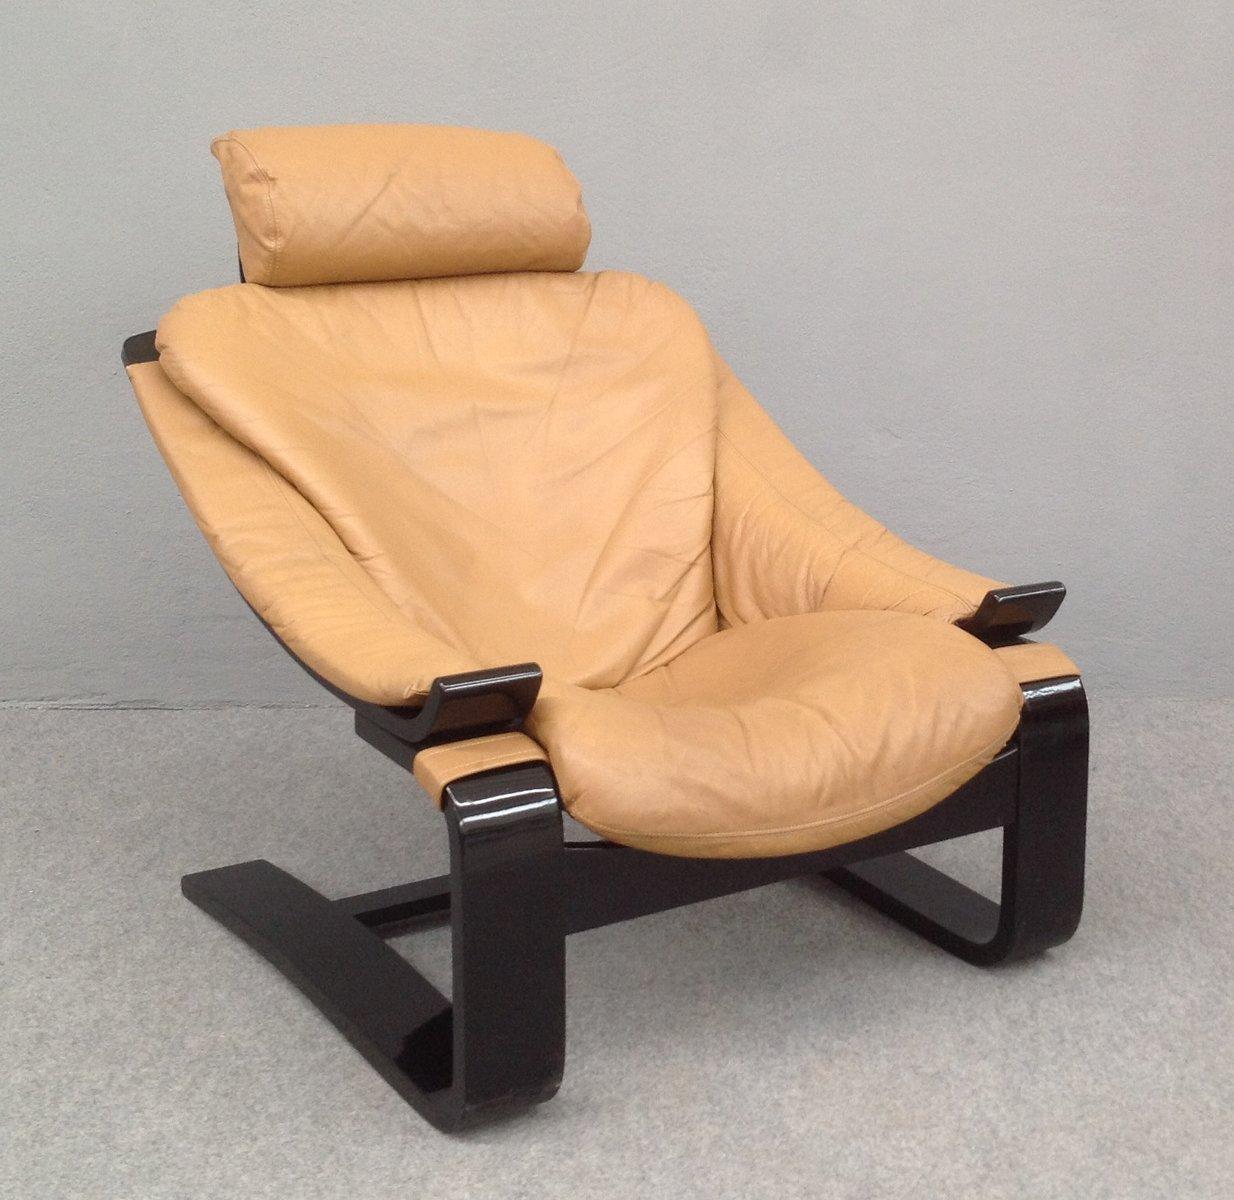 kroken de lux sessel von ake fribytter bei pamono kaufen. Black Bedroom Furniture Sets. Home Design Ideas